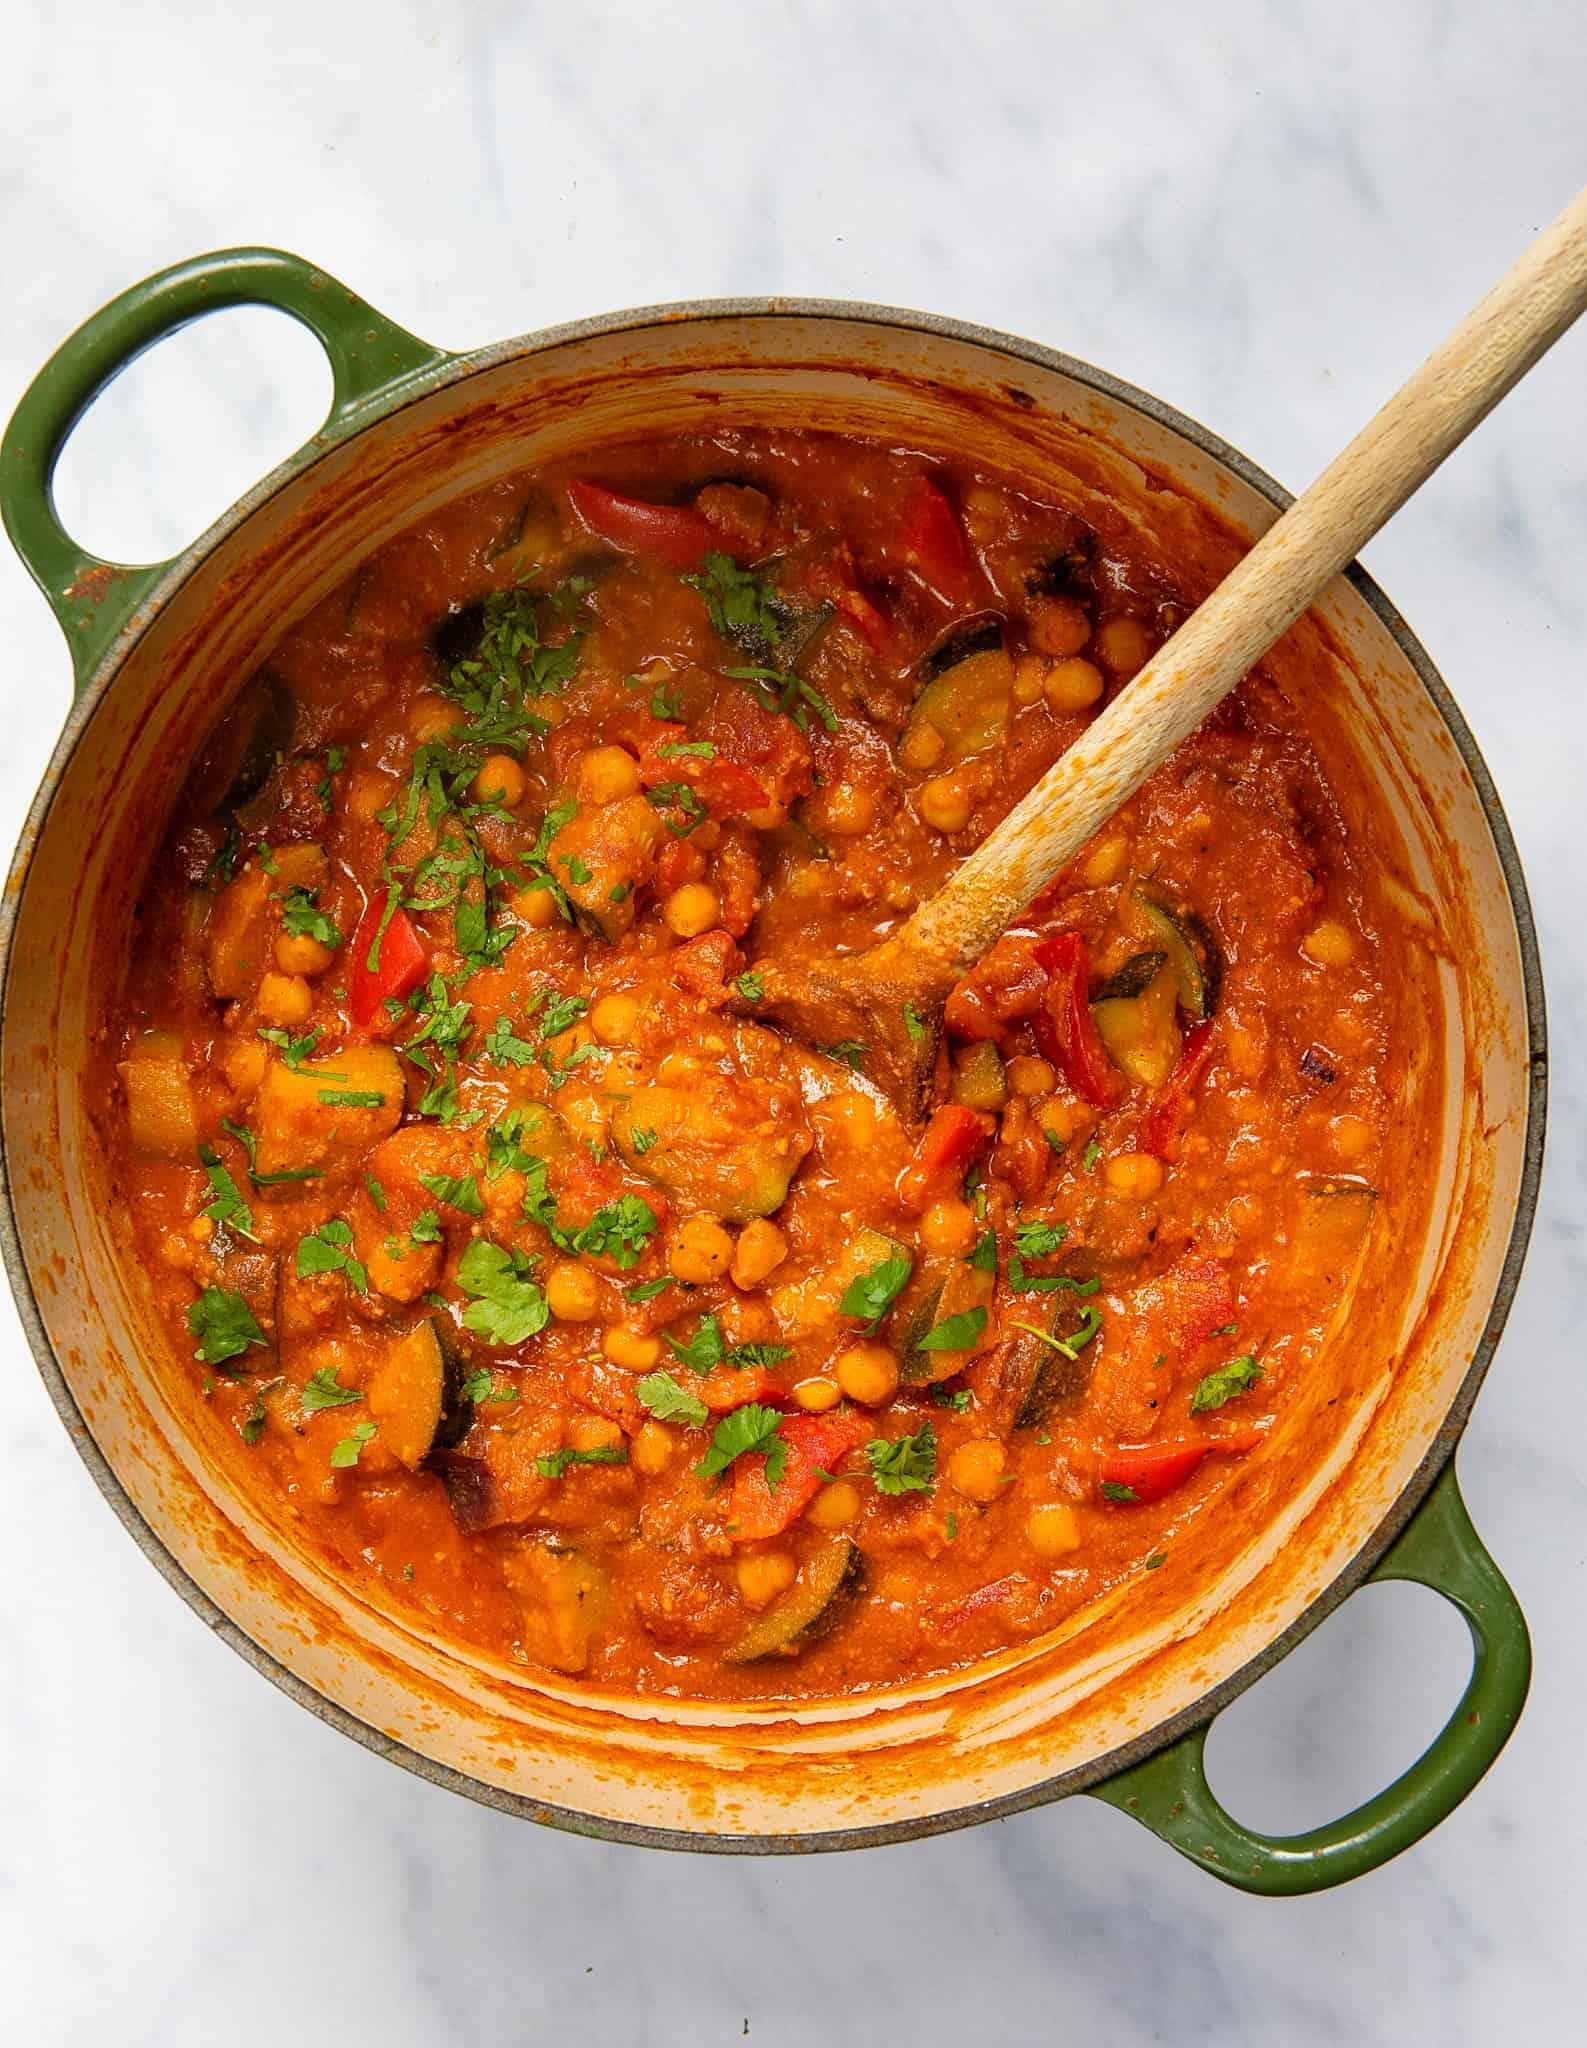 Apricot & Chickpea Tagine - Pot spoon